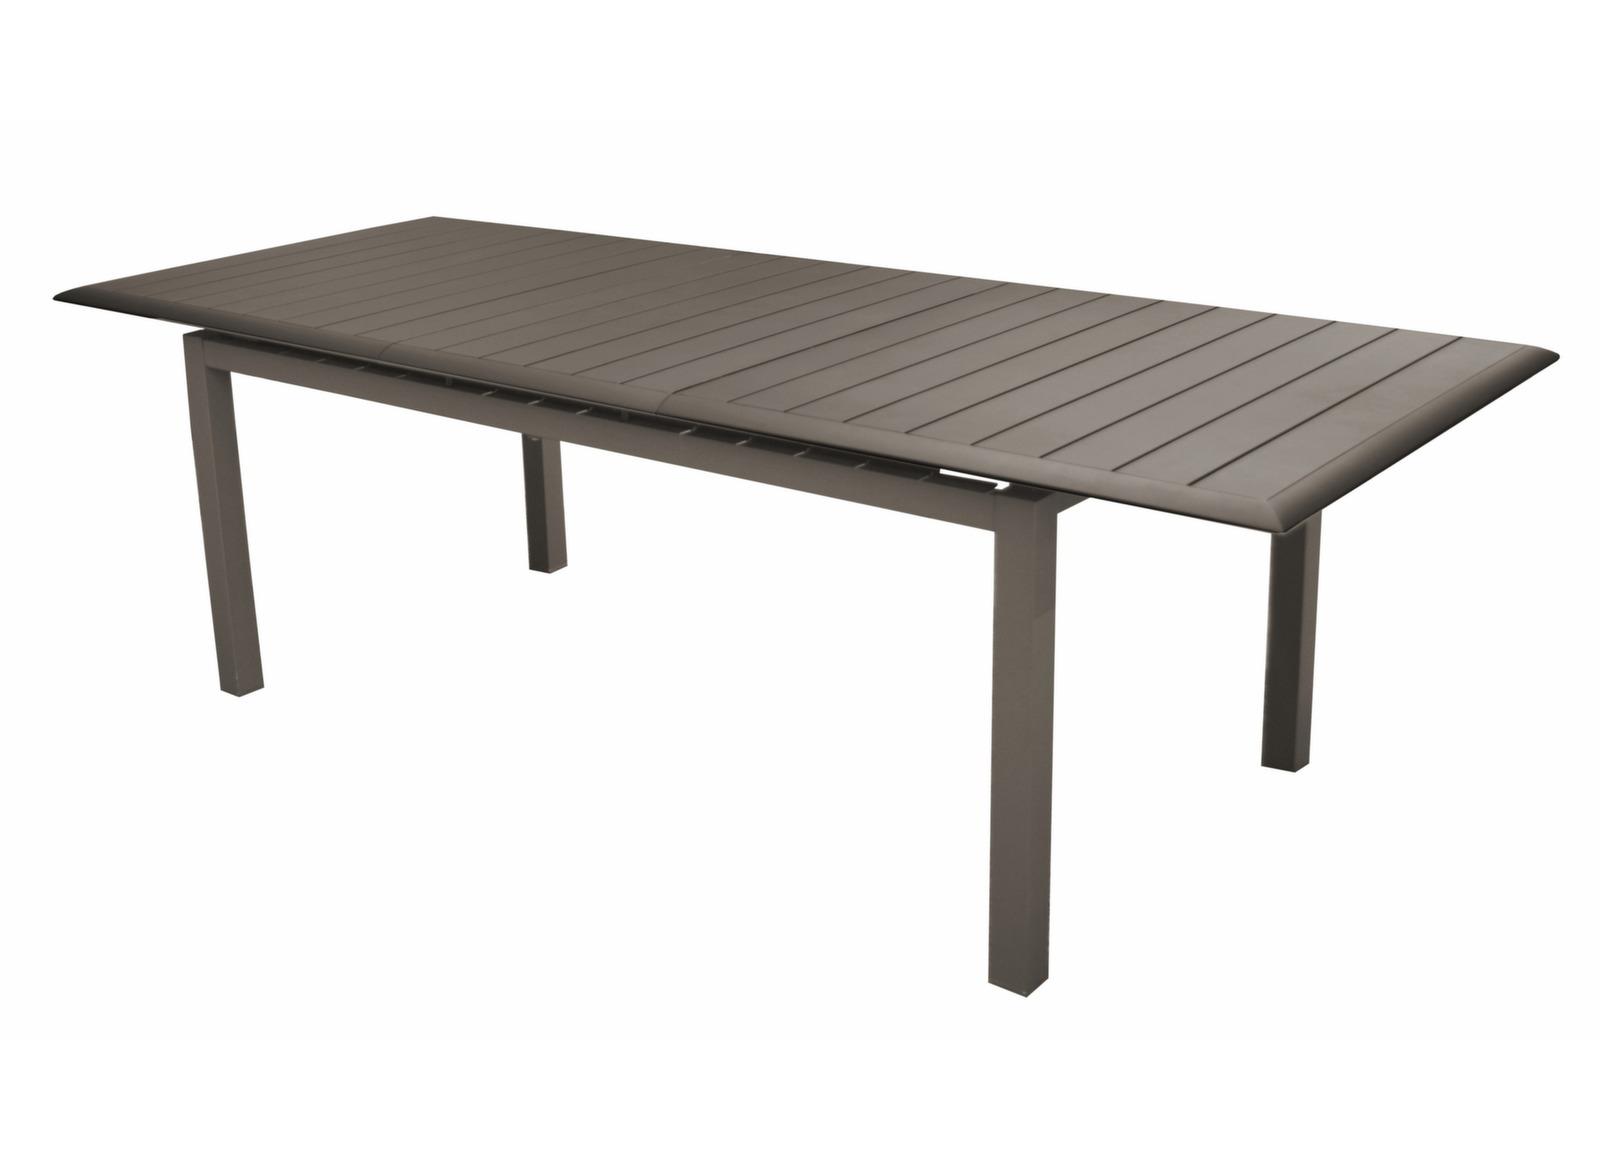 table louisiane 2 187 247cm mobilier de jardin pour le repas promotions bons plans. Black Bedroom Furniture Sets. Home Design Ideas